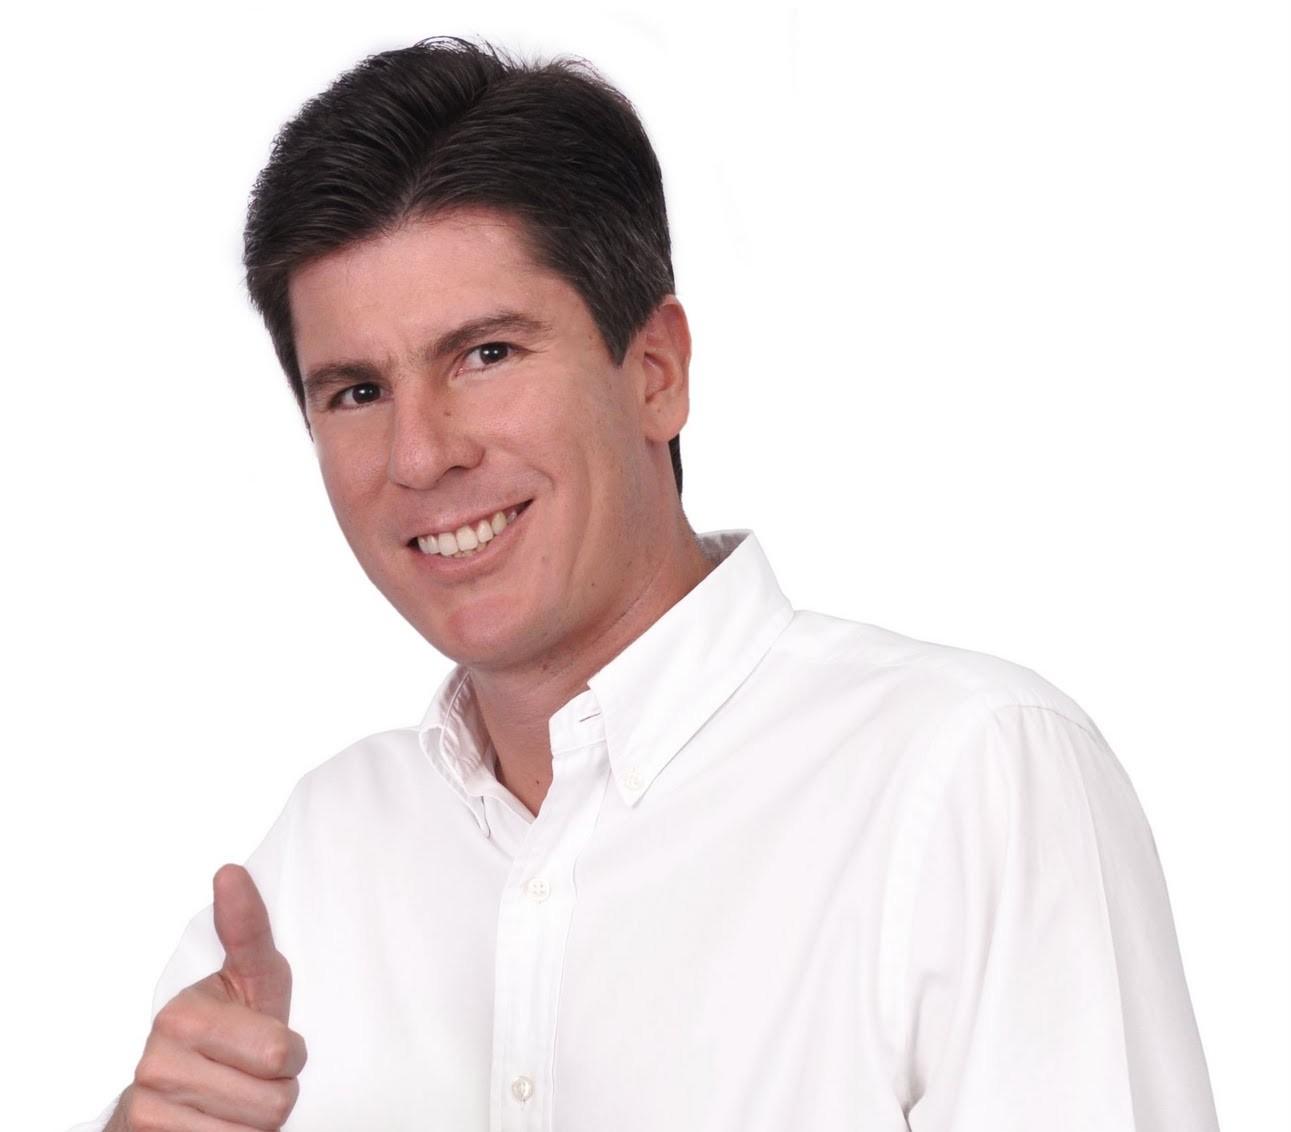 Ricardo Ferro, candidato a la Alcaldía de Ibague, fue señalado como cínico por Daniel Medina, el Jefe de Debate de la campaña de Toledo